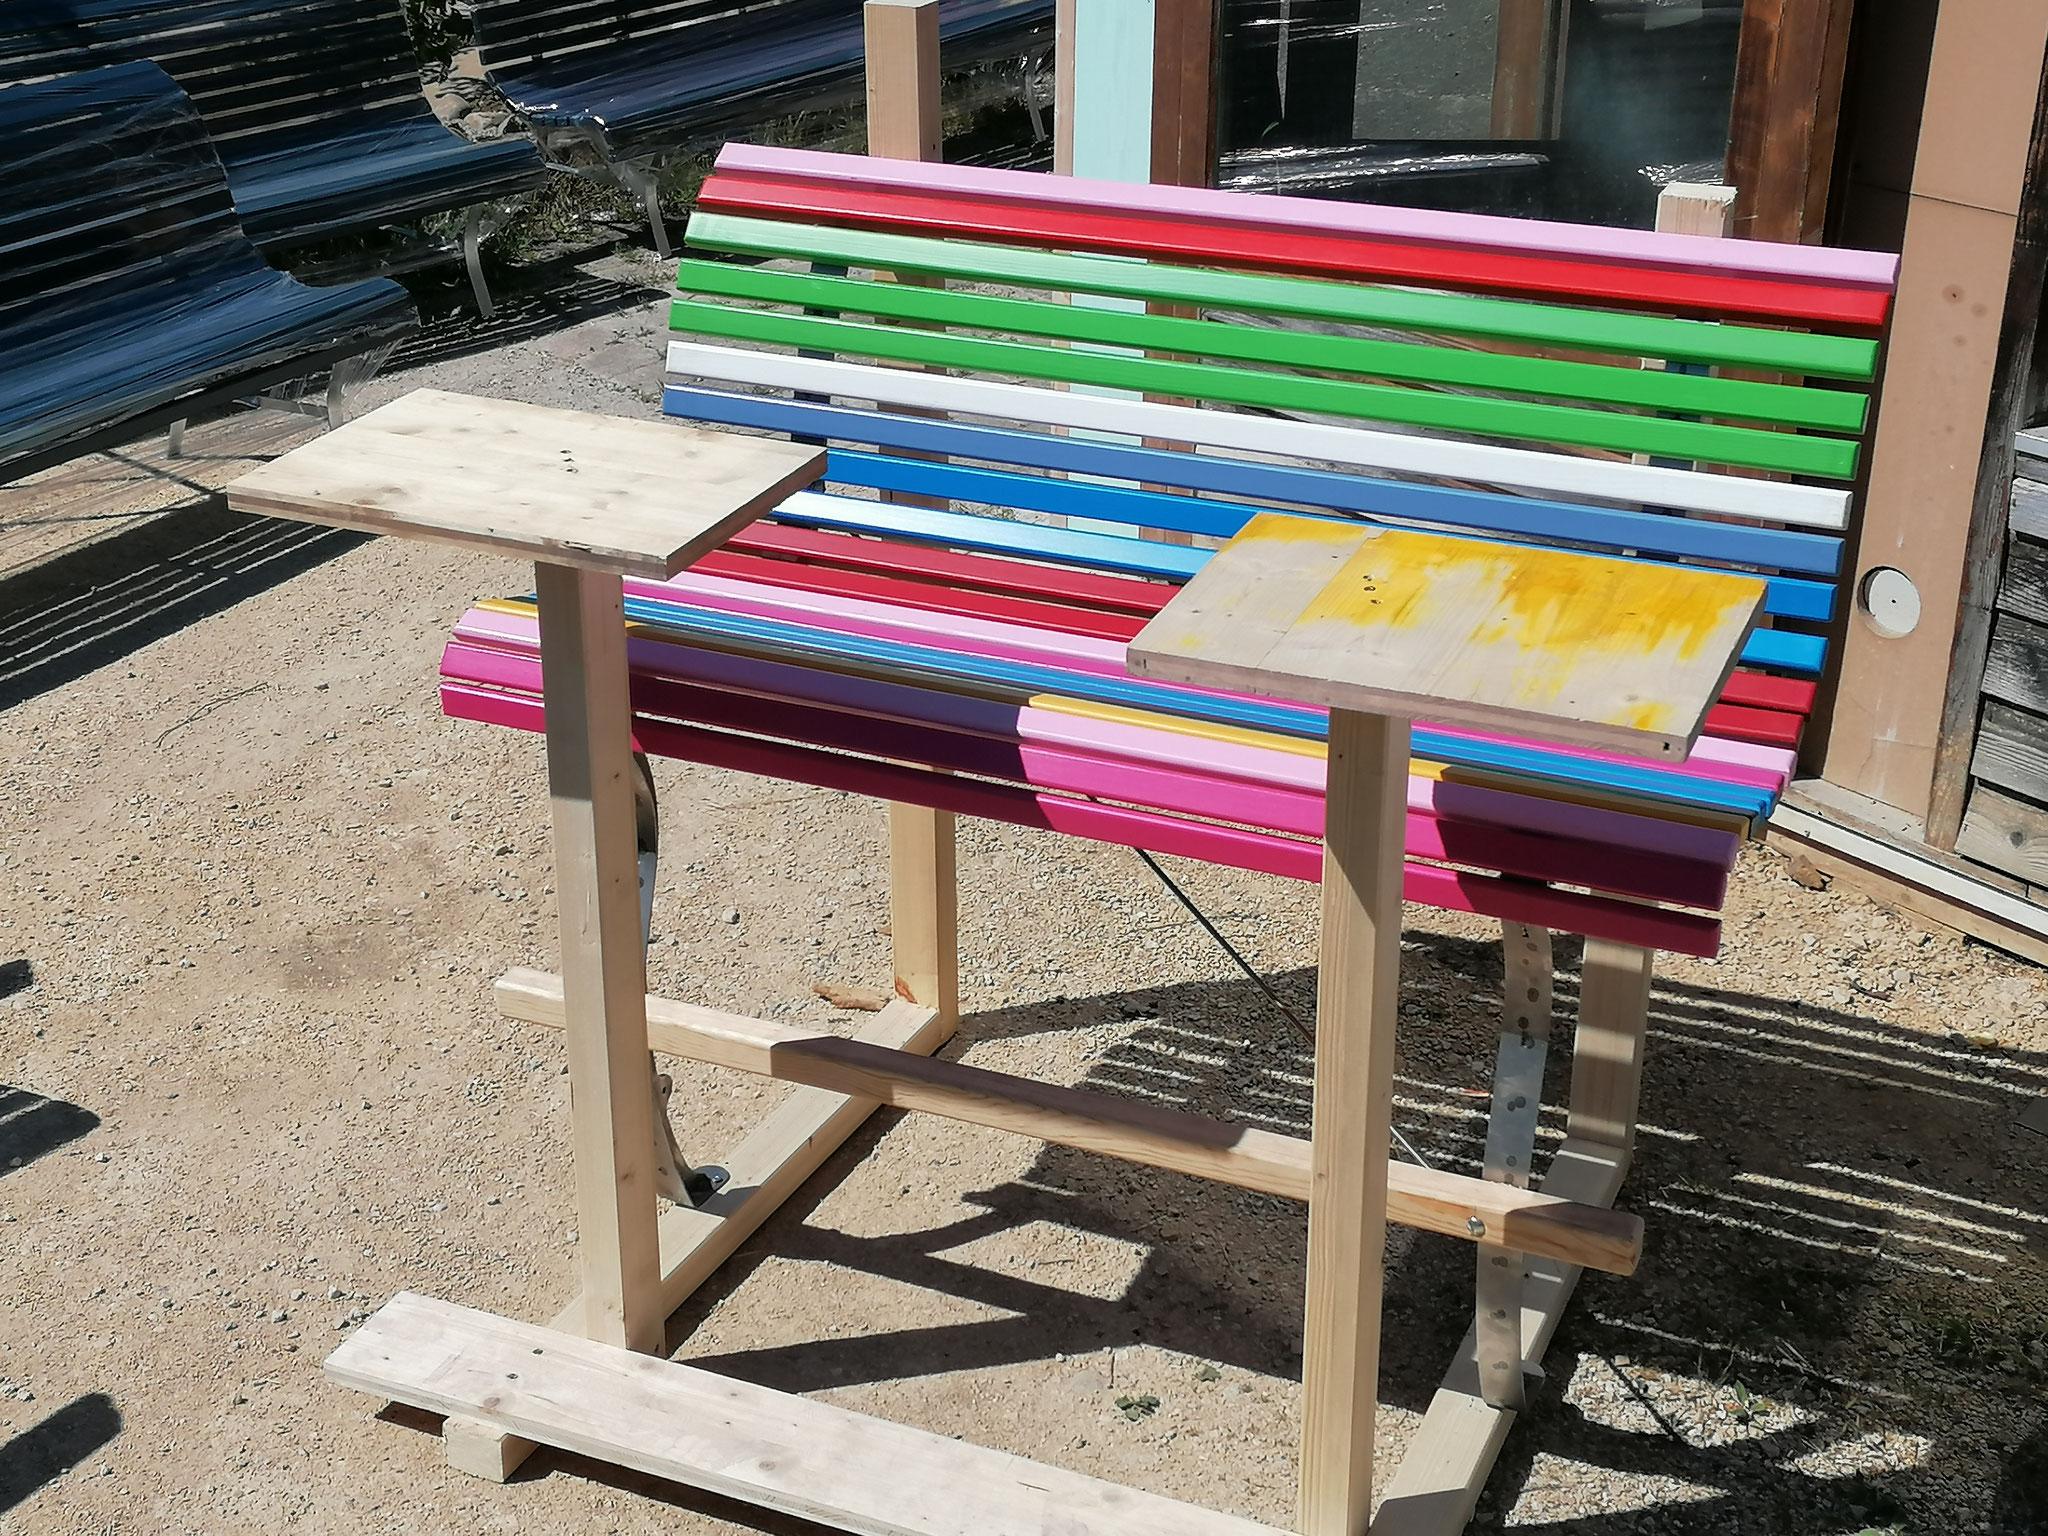 Prototyp mit höhenmasslich korrekten jedoch symbolischen Tischen zur kontrolle...